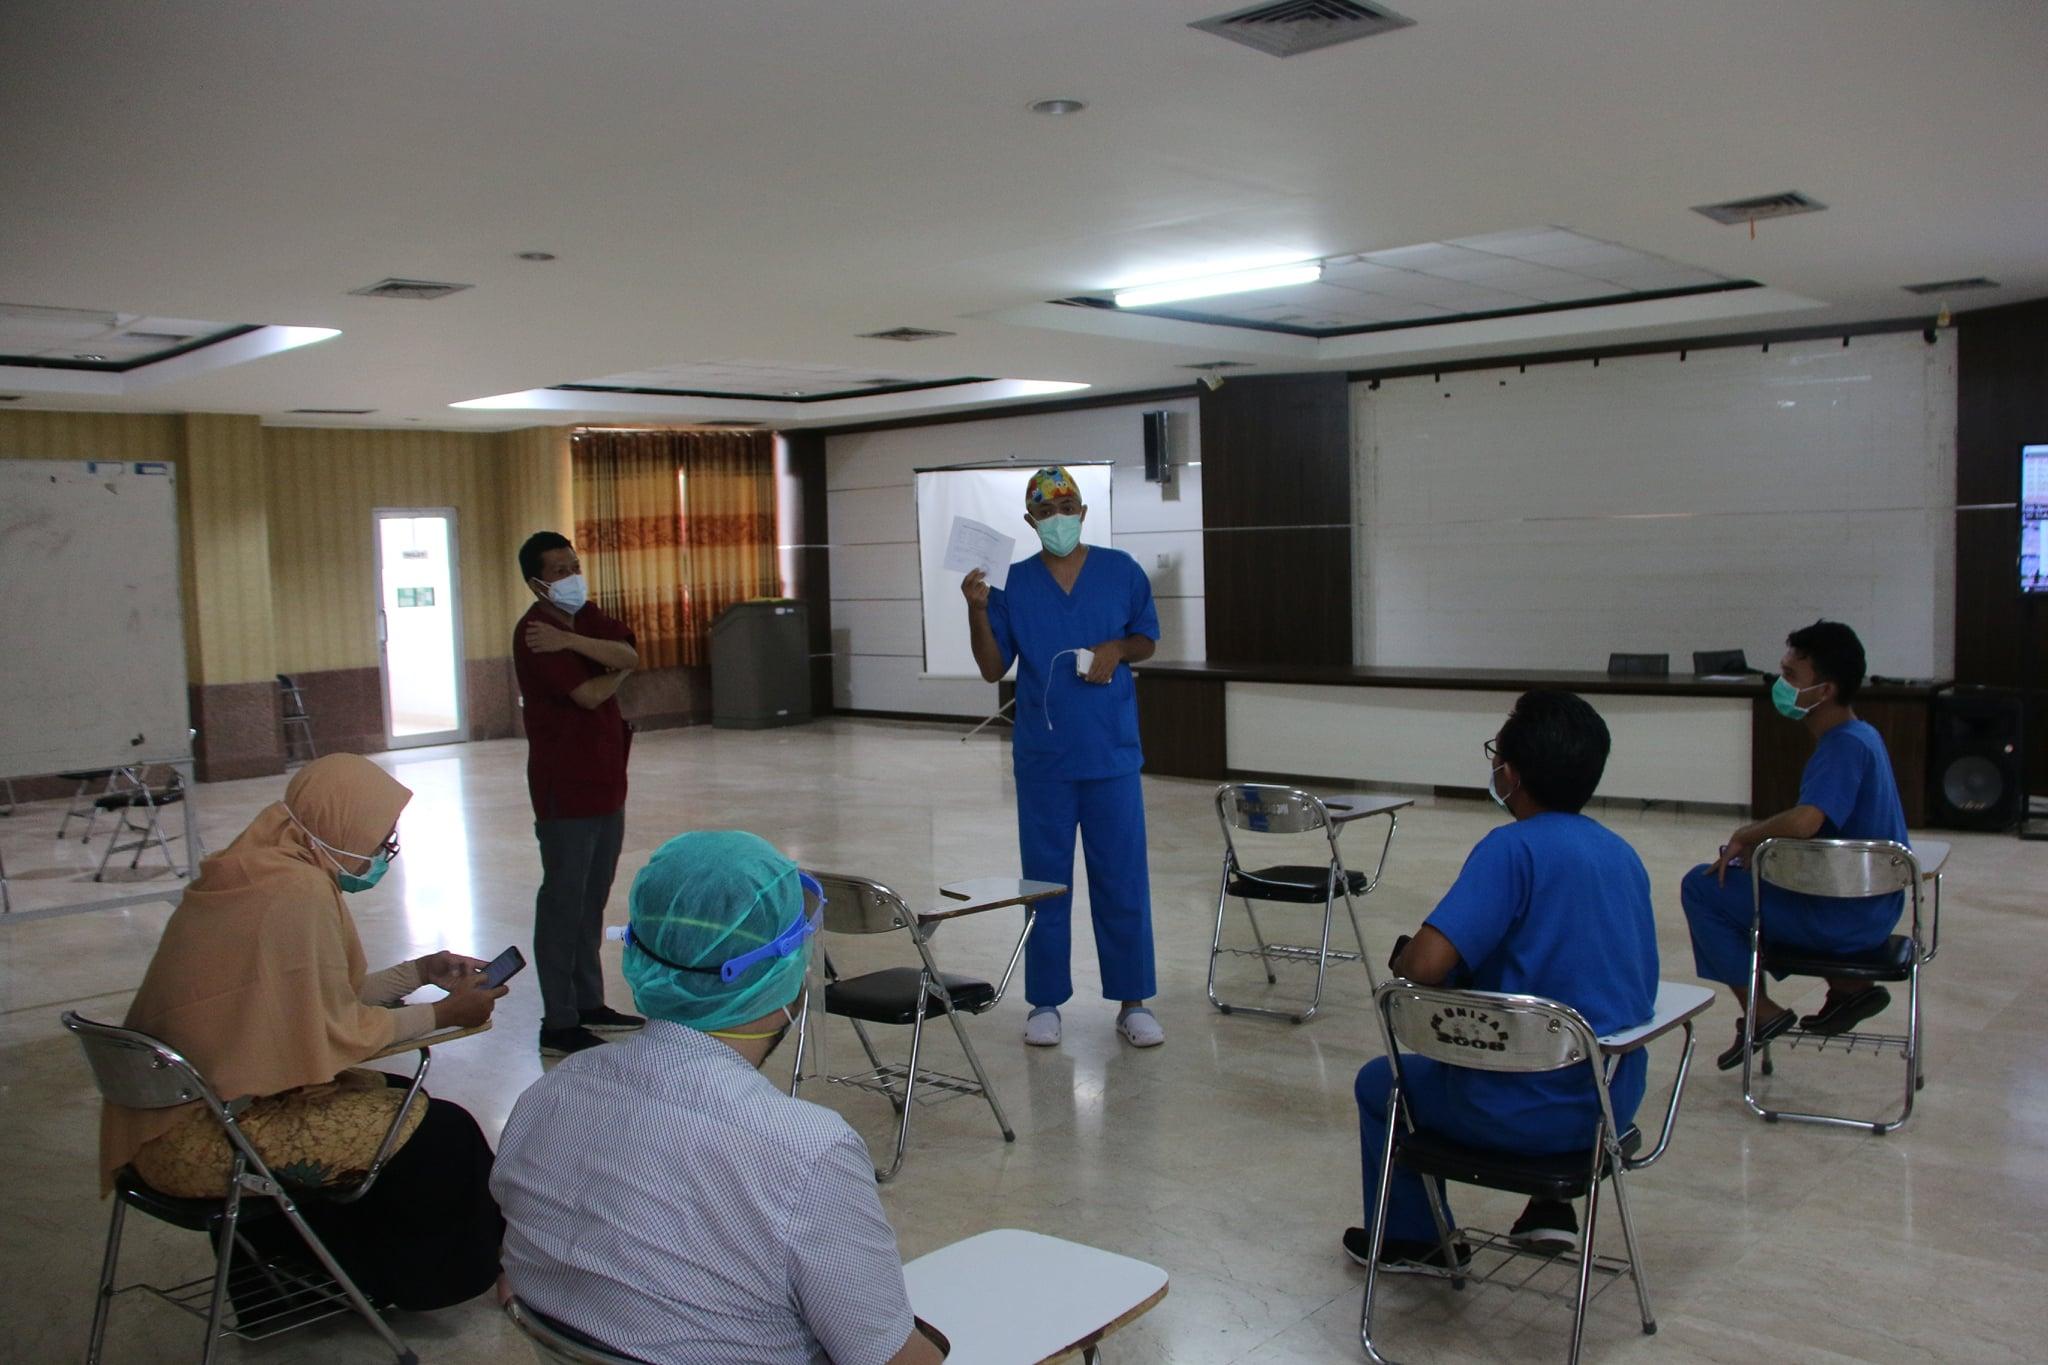 dr. Yudhi Kurniawan, Sp.A Memberikan Penyuluhan Kepada Penerima Vaksin COVID-19 Selama Masa Observasi 30 Menit